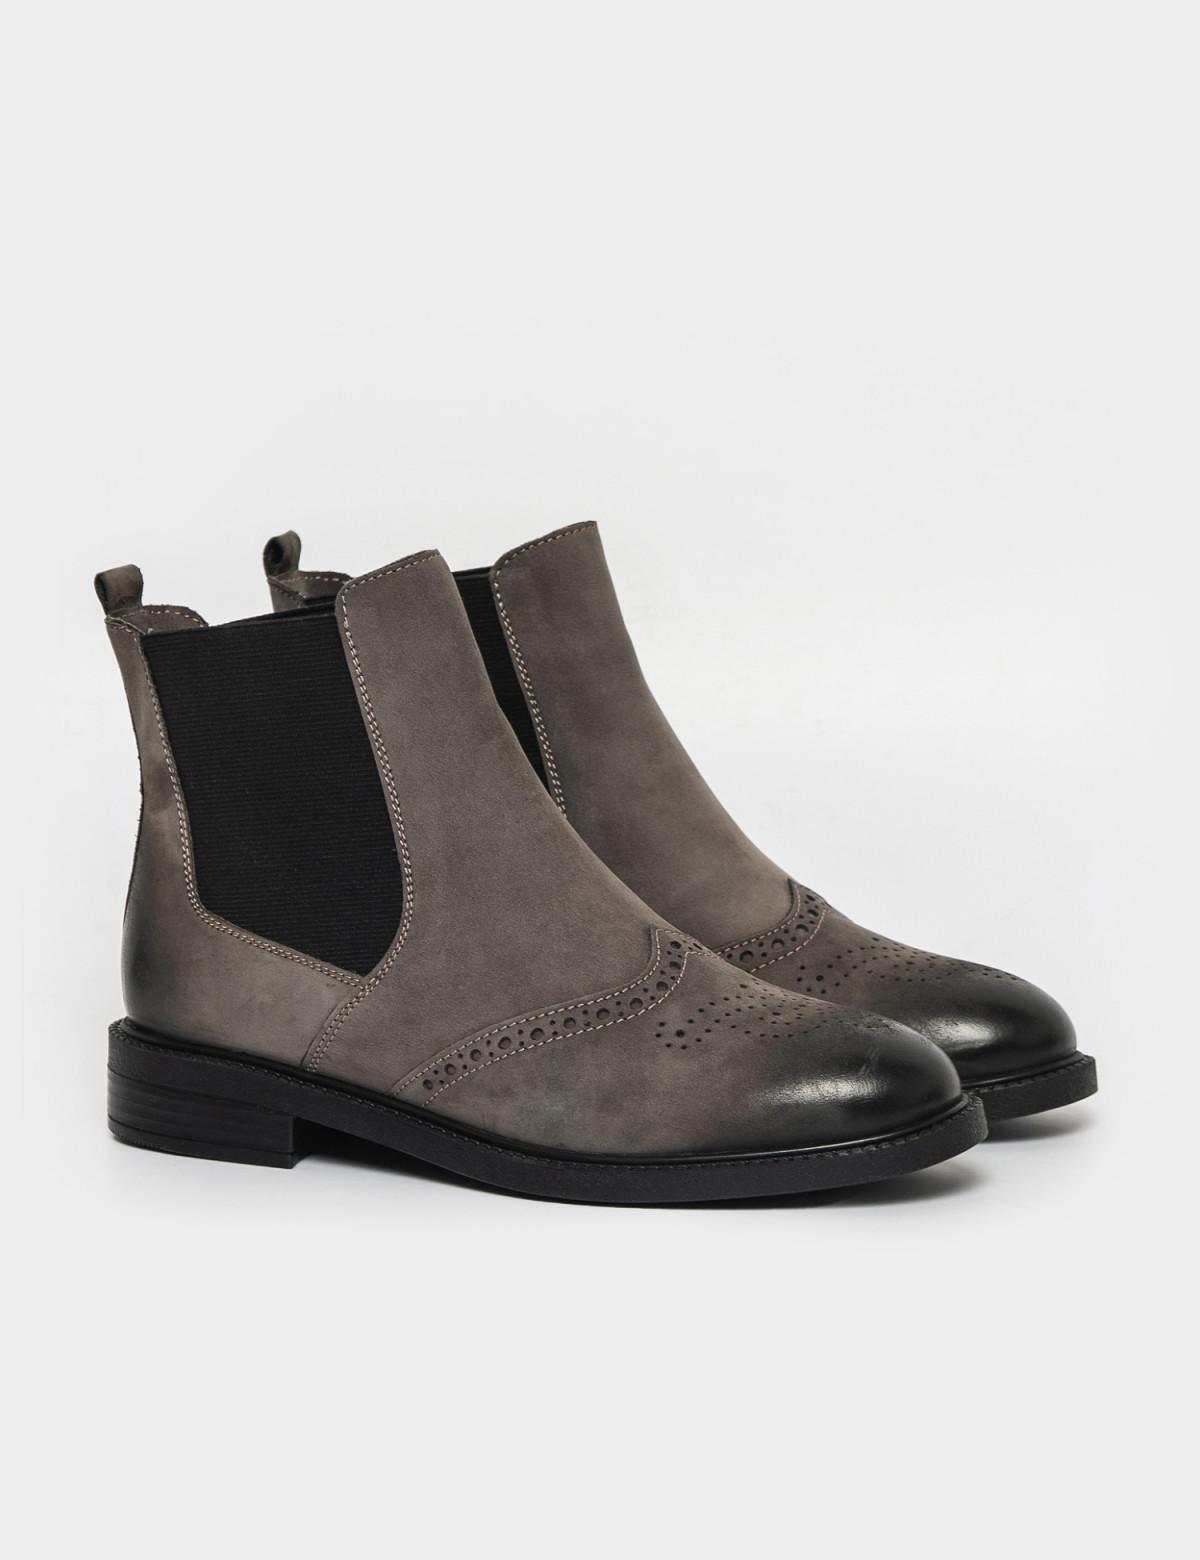 Ботинки серые. Натуральный нубук. Байка1